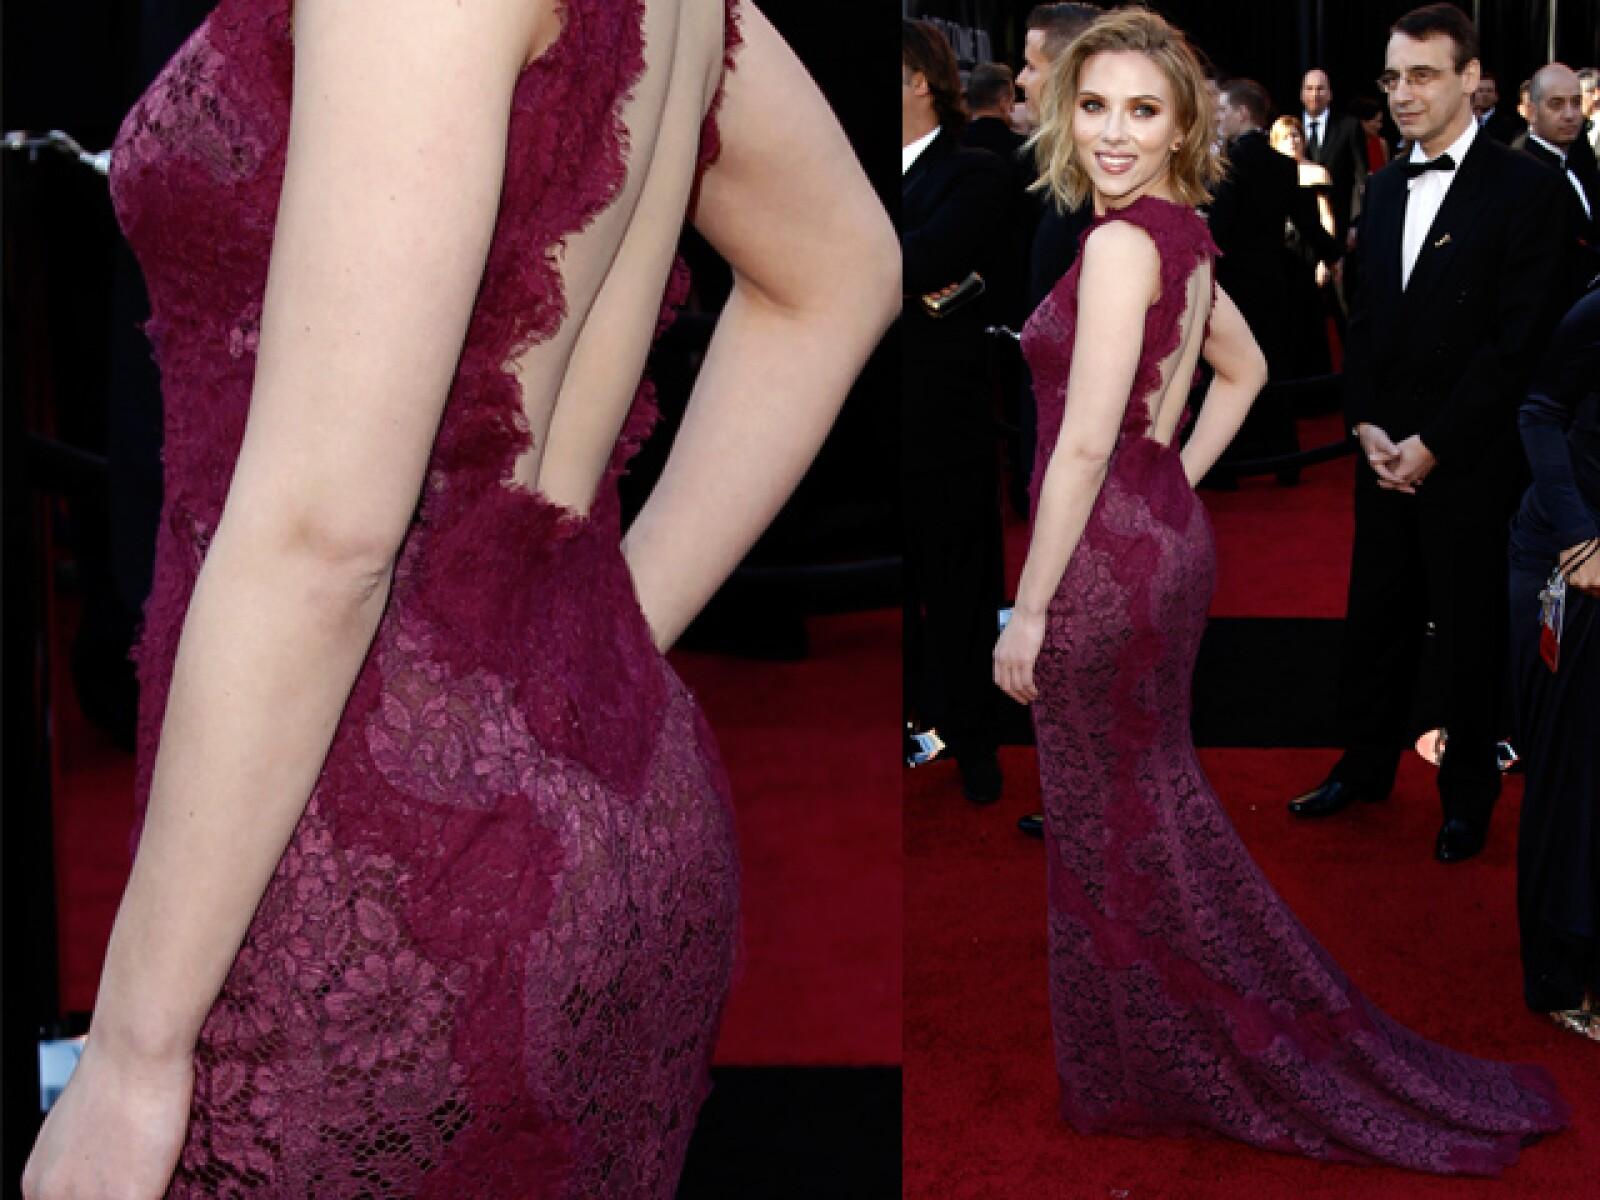 Scarlett Johansson, quien ya no sale con Sean Penn, siempre concentra las miradas de los caballeros. Sus medidas son 94-60-90.